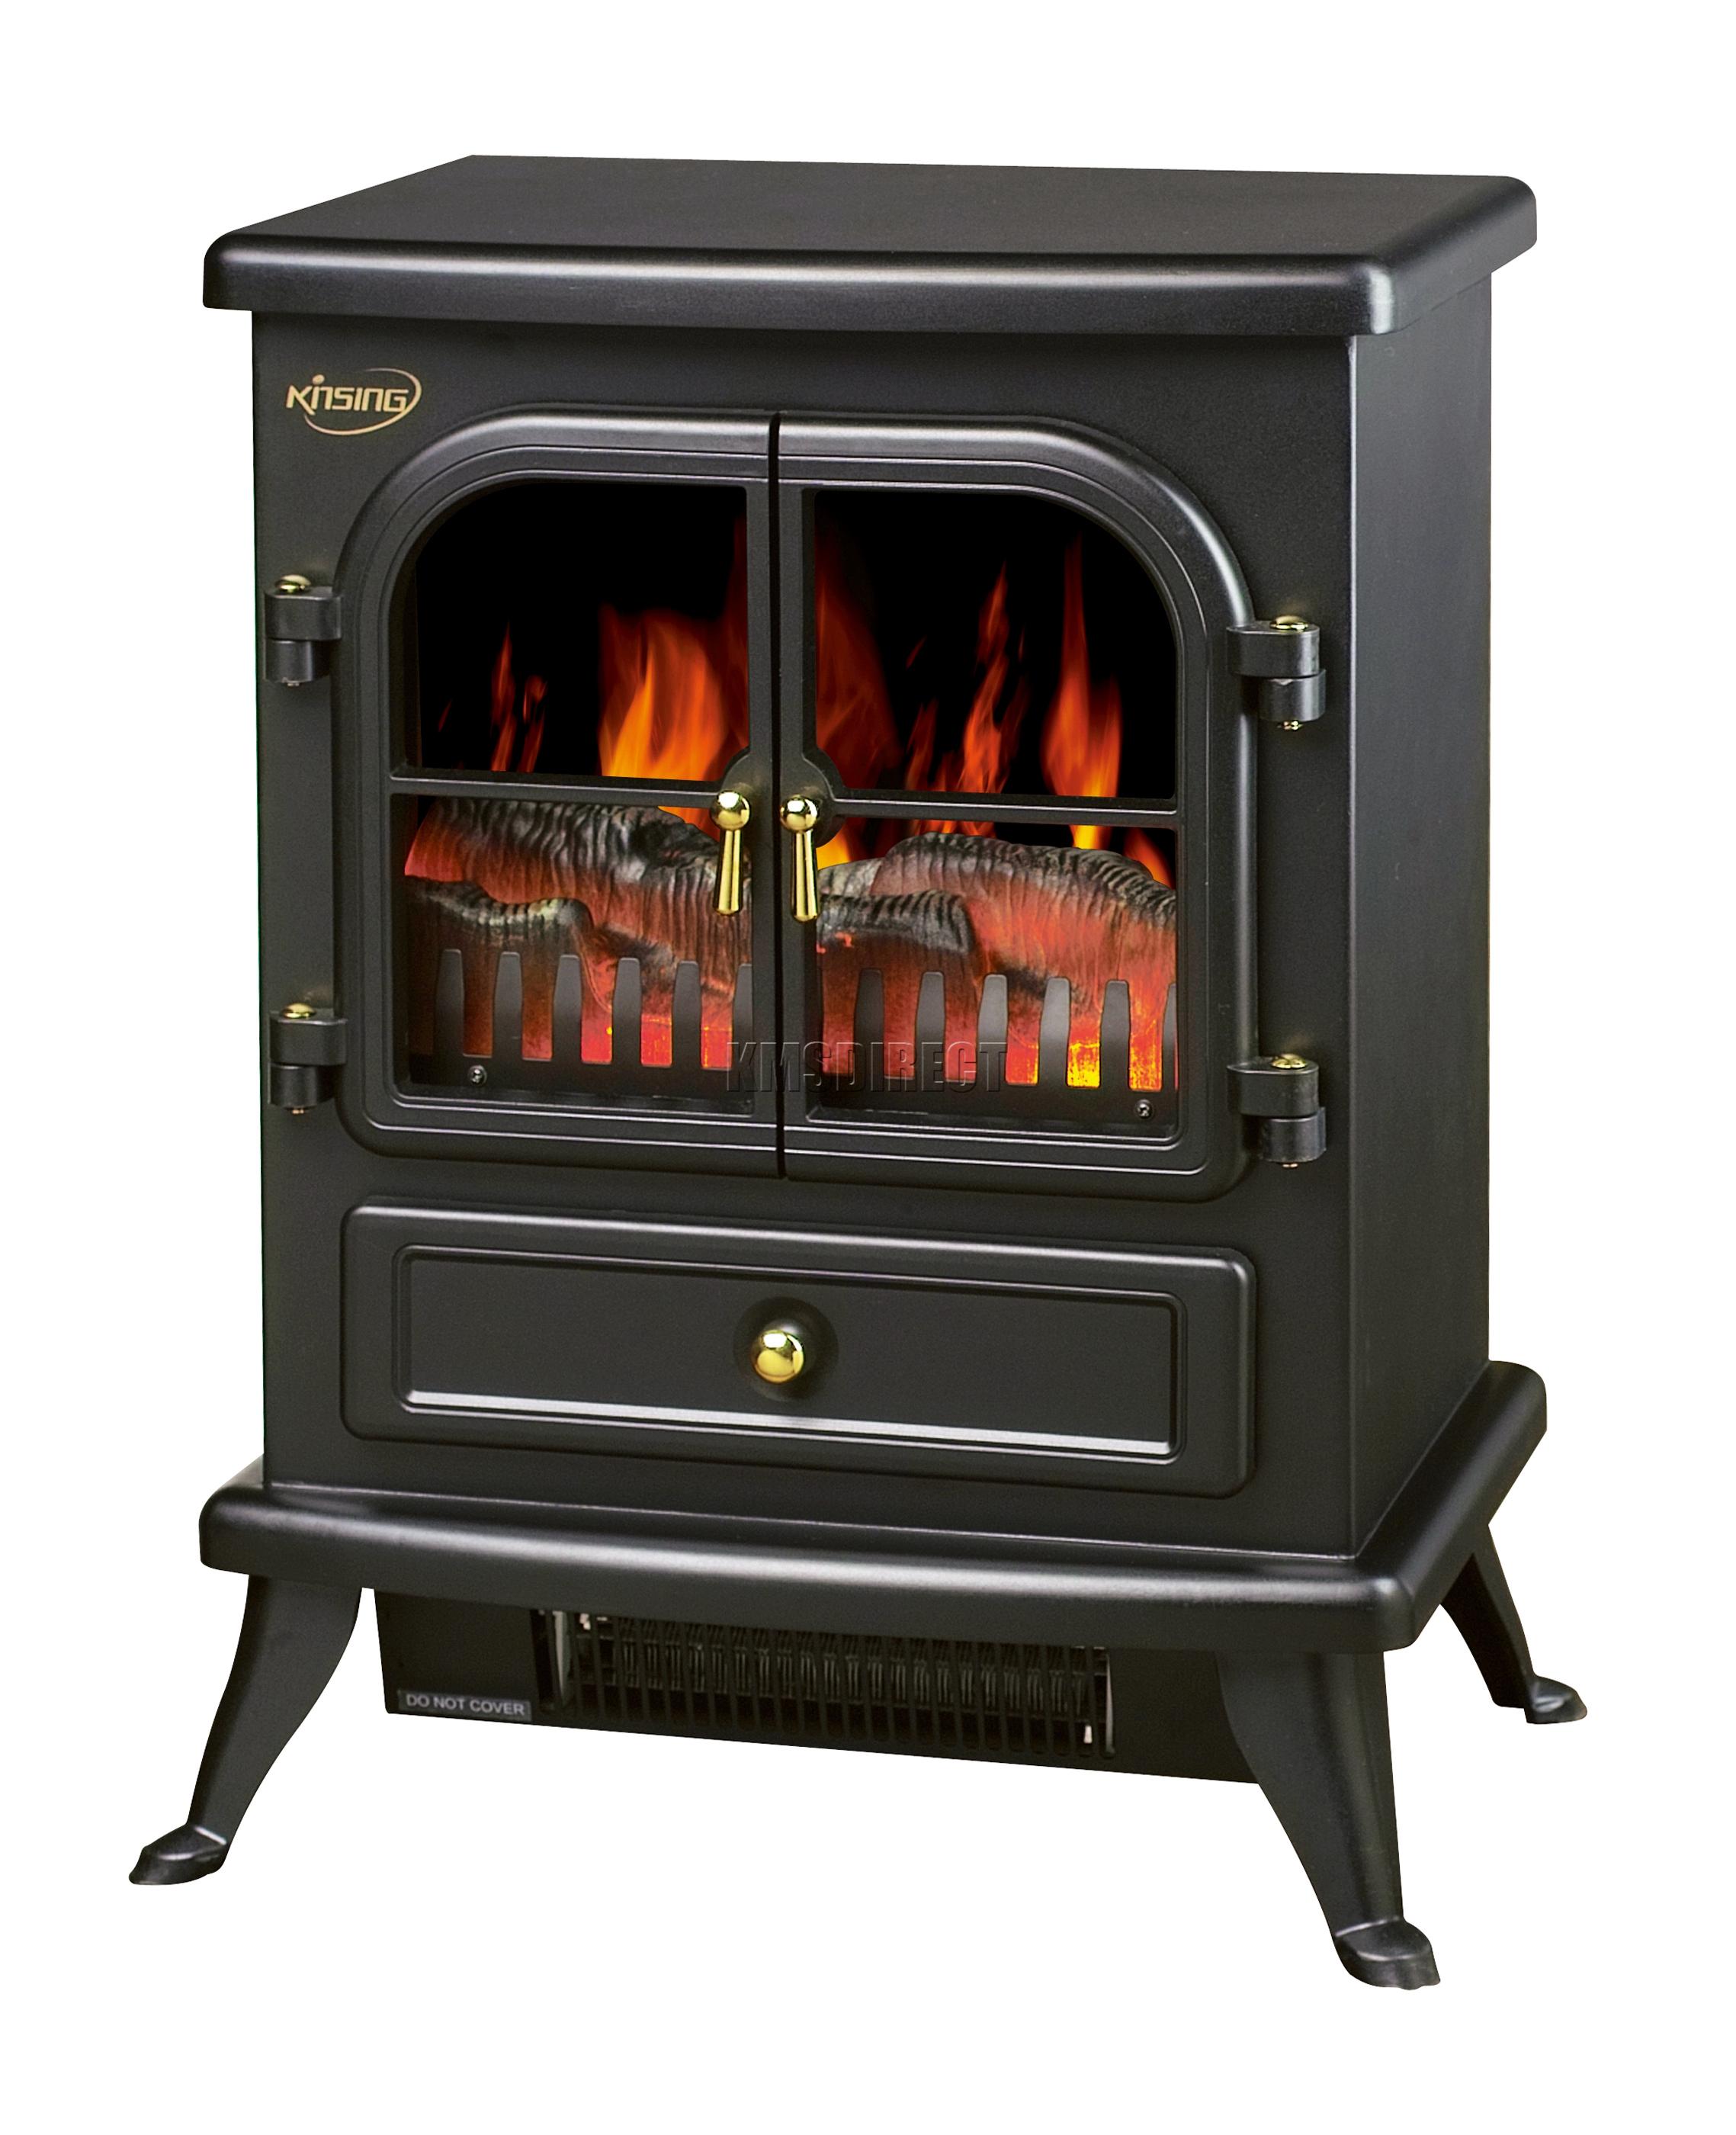 b che br lant flamme effet 1850w feu lectrique radiateur chemin e po le ebay. Black Bedroom Furniture Sets. Home Design Ideas